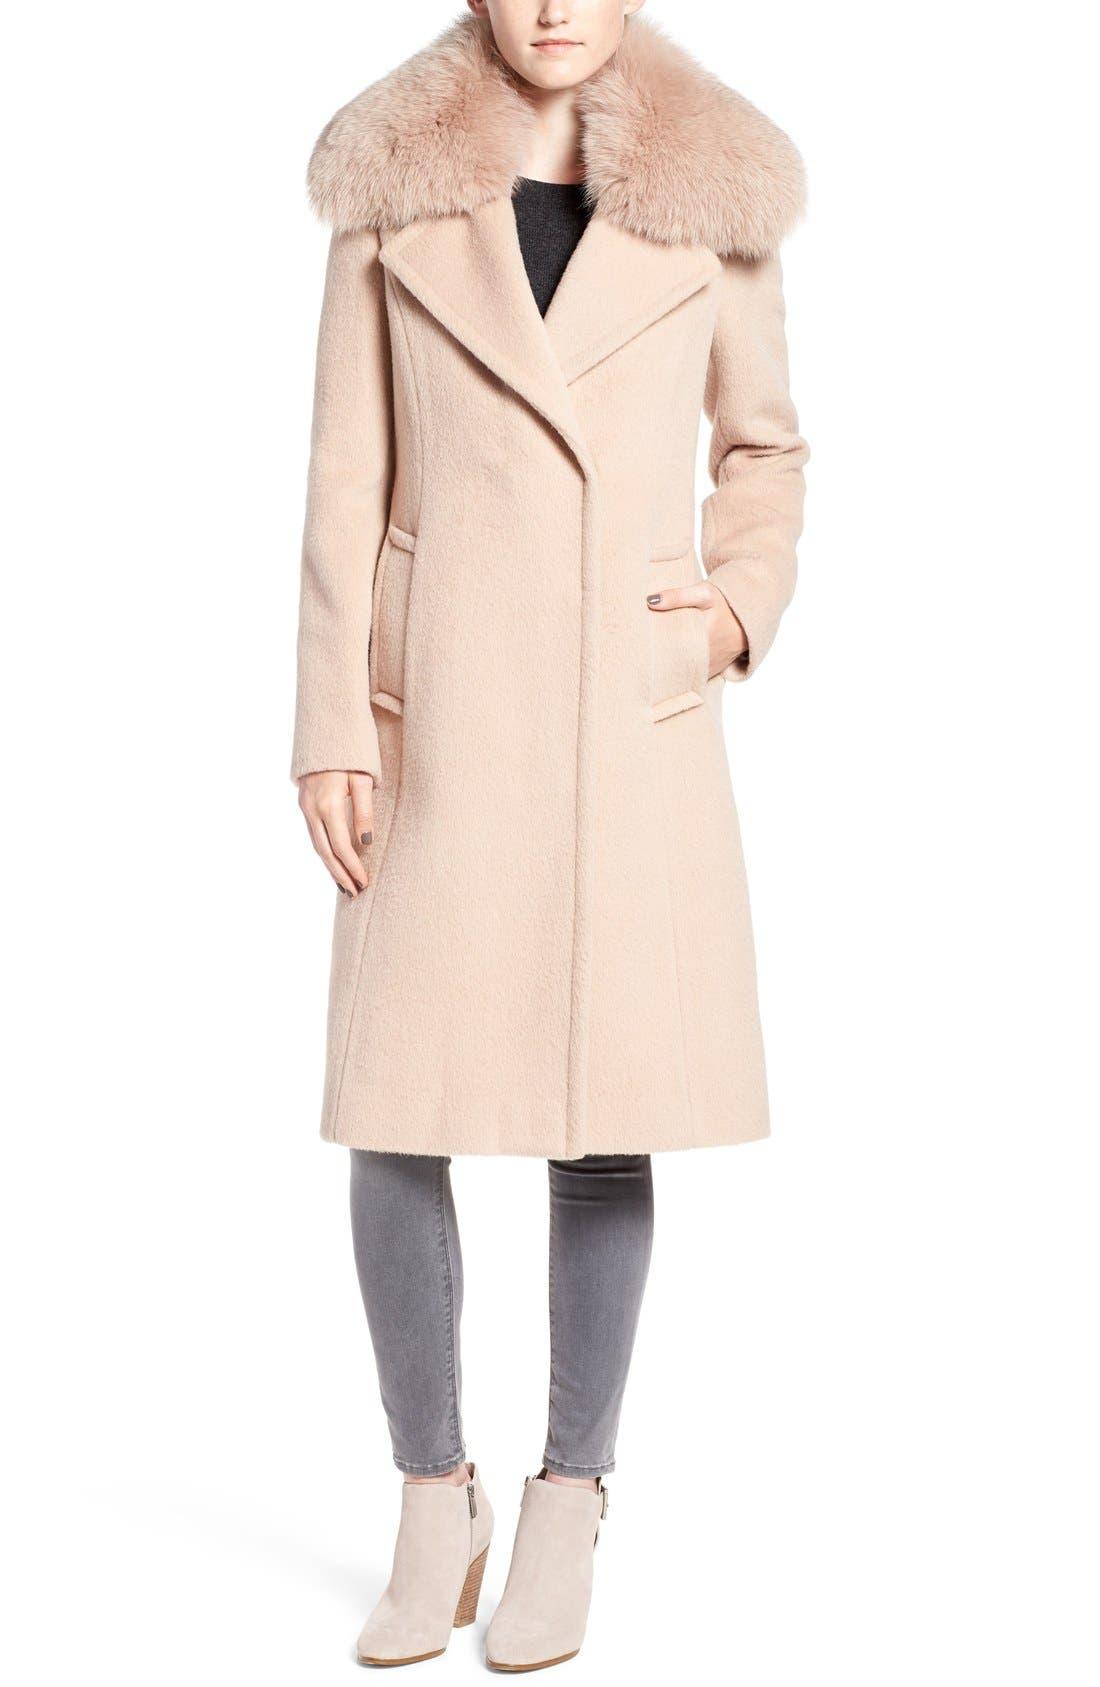 Main Image - Diane von Furstenberg Genuine Fox Fur Trim Notch Collar Long Wool Blend Coat